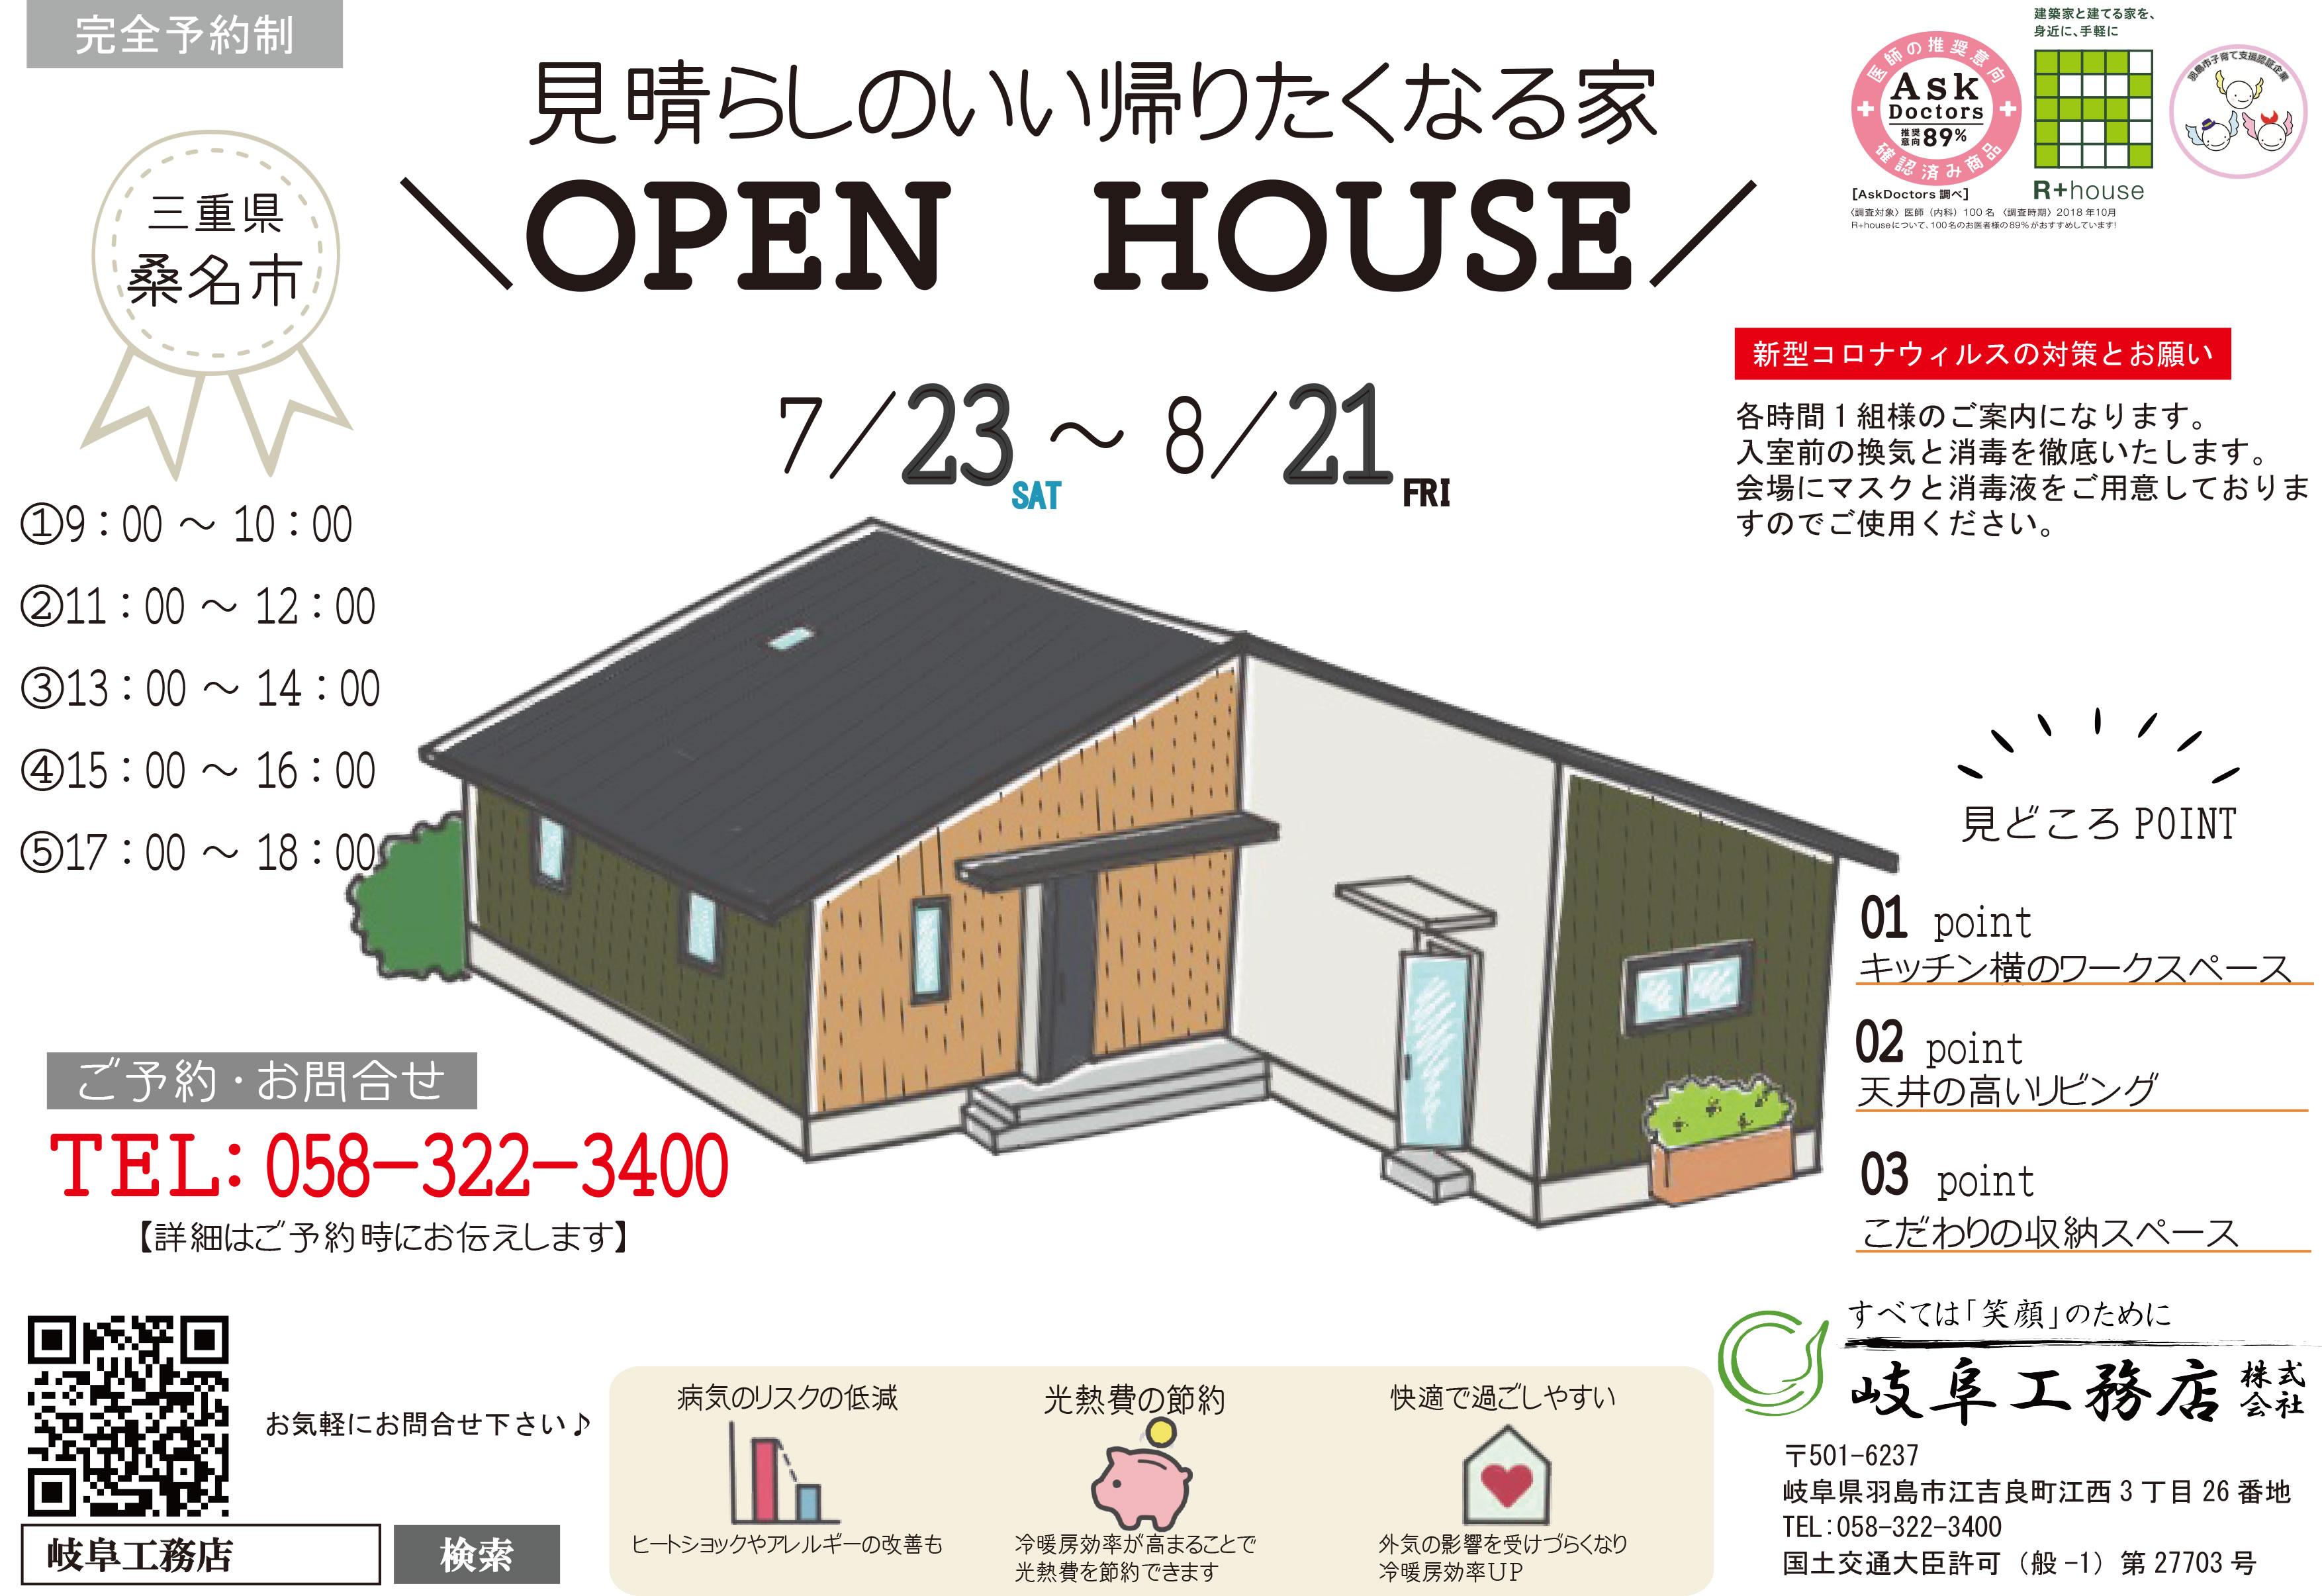 カフェ風の素敵な平屋のオープンハウス開催(桑名市)